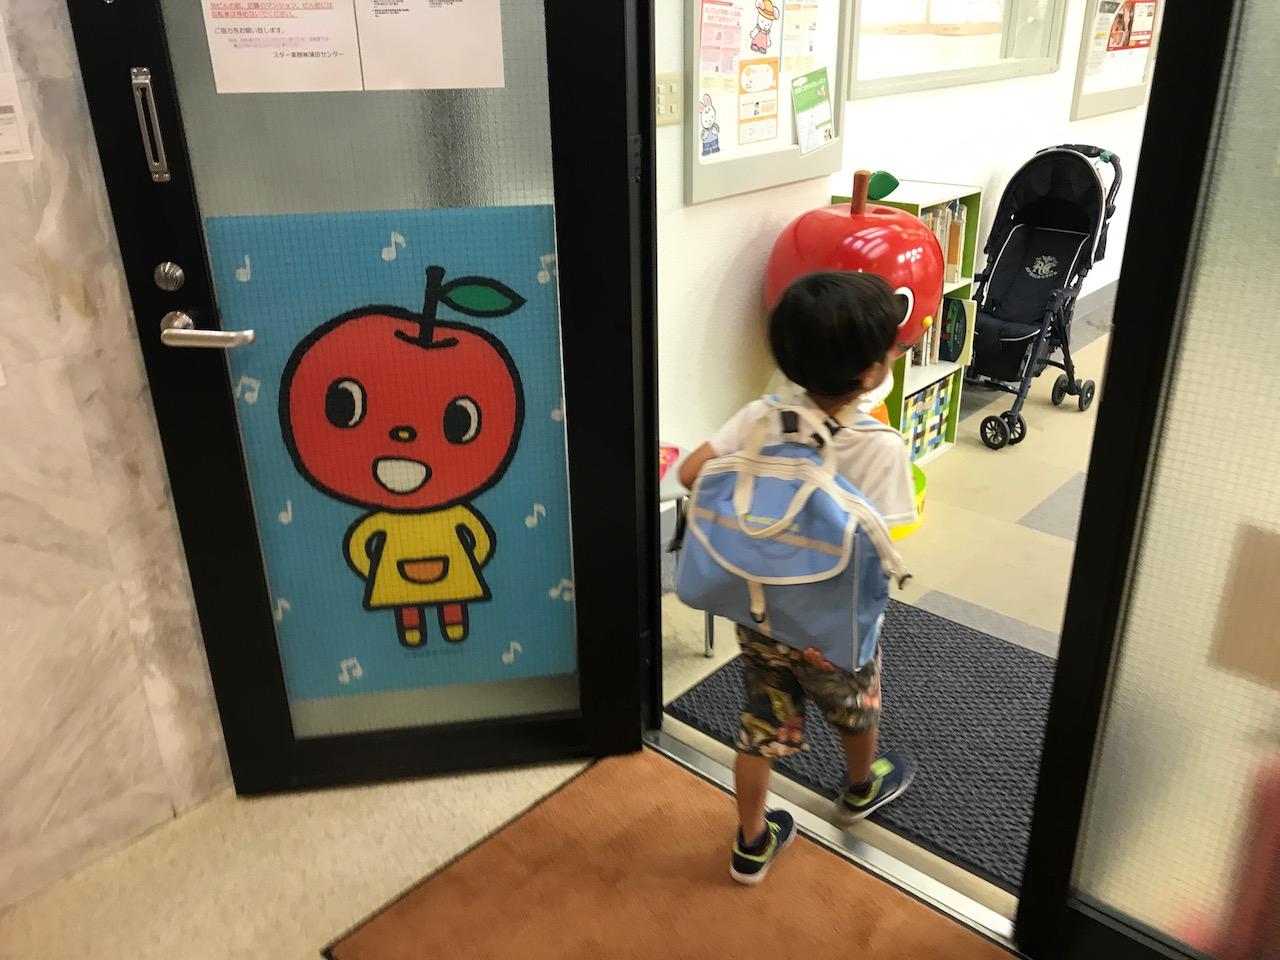 次男とヤマハ音楽教室の幼児科を頑張ろう。そう思った今日という日。